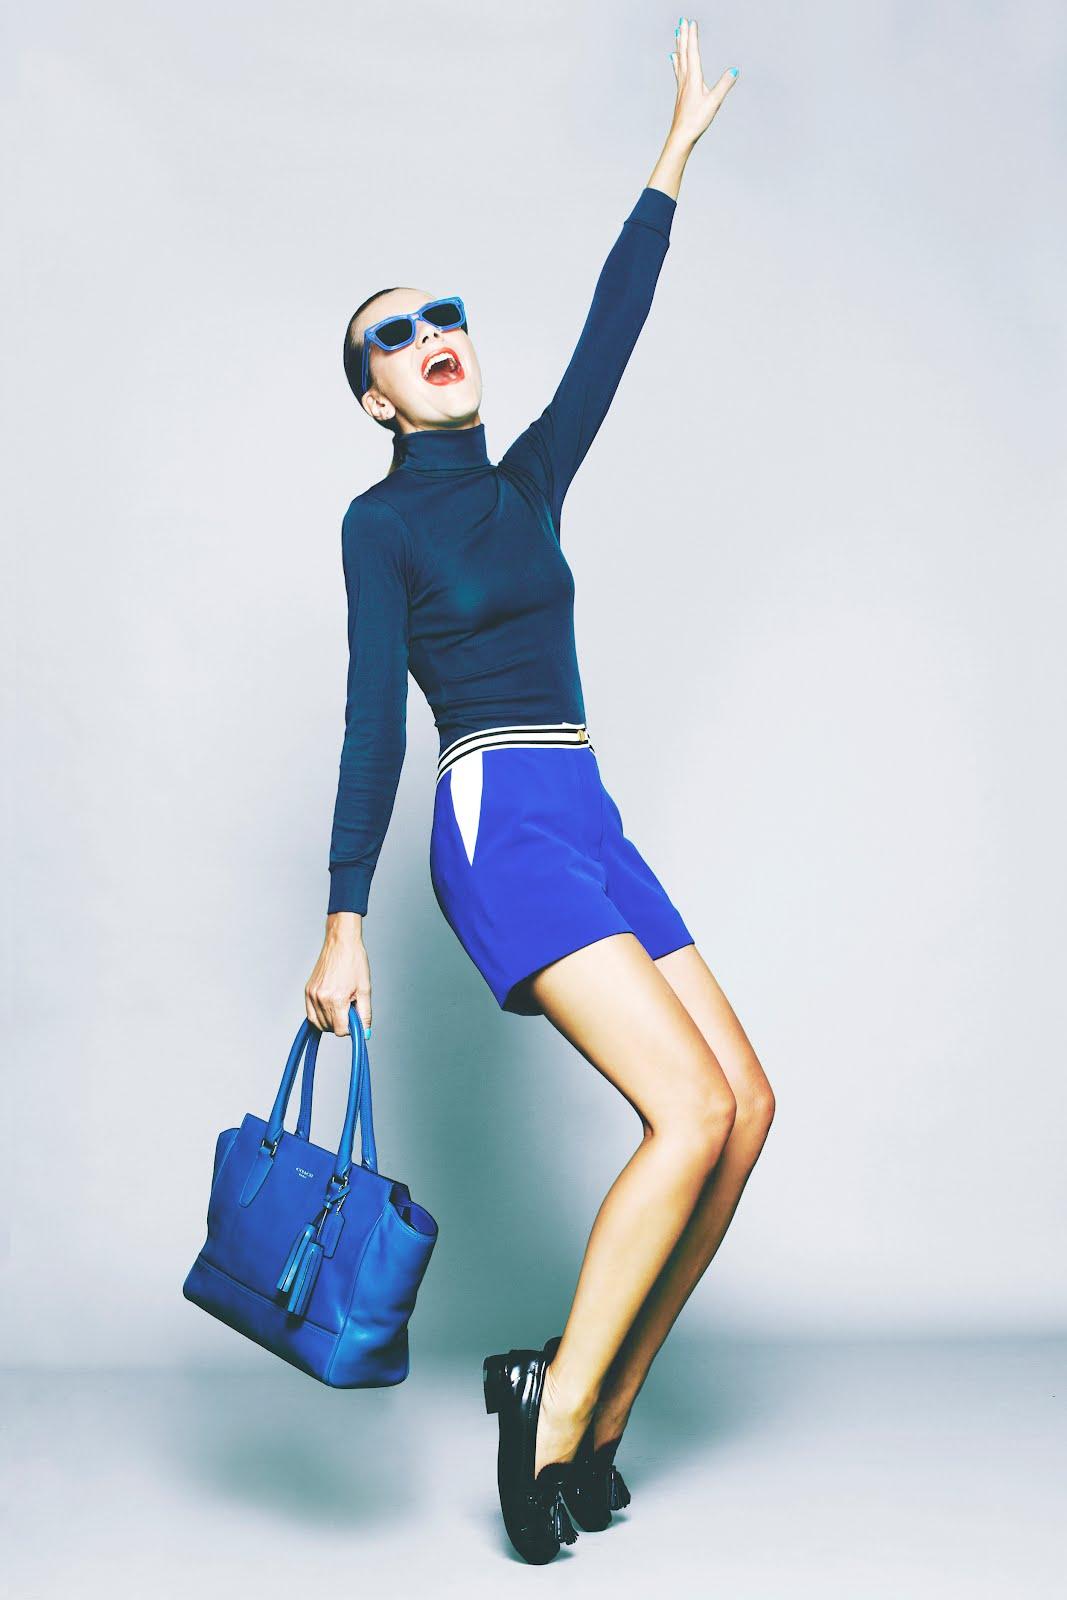 Coach se reinventa y rejuvenece su imagen más actual con su colaboración con la blogger e It Girl Natalie Joos